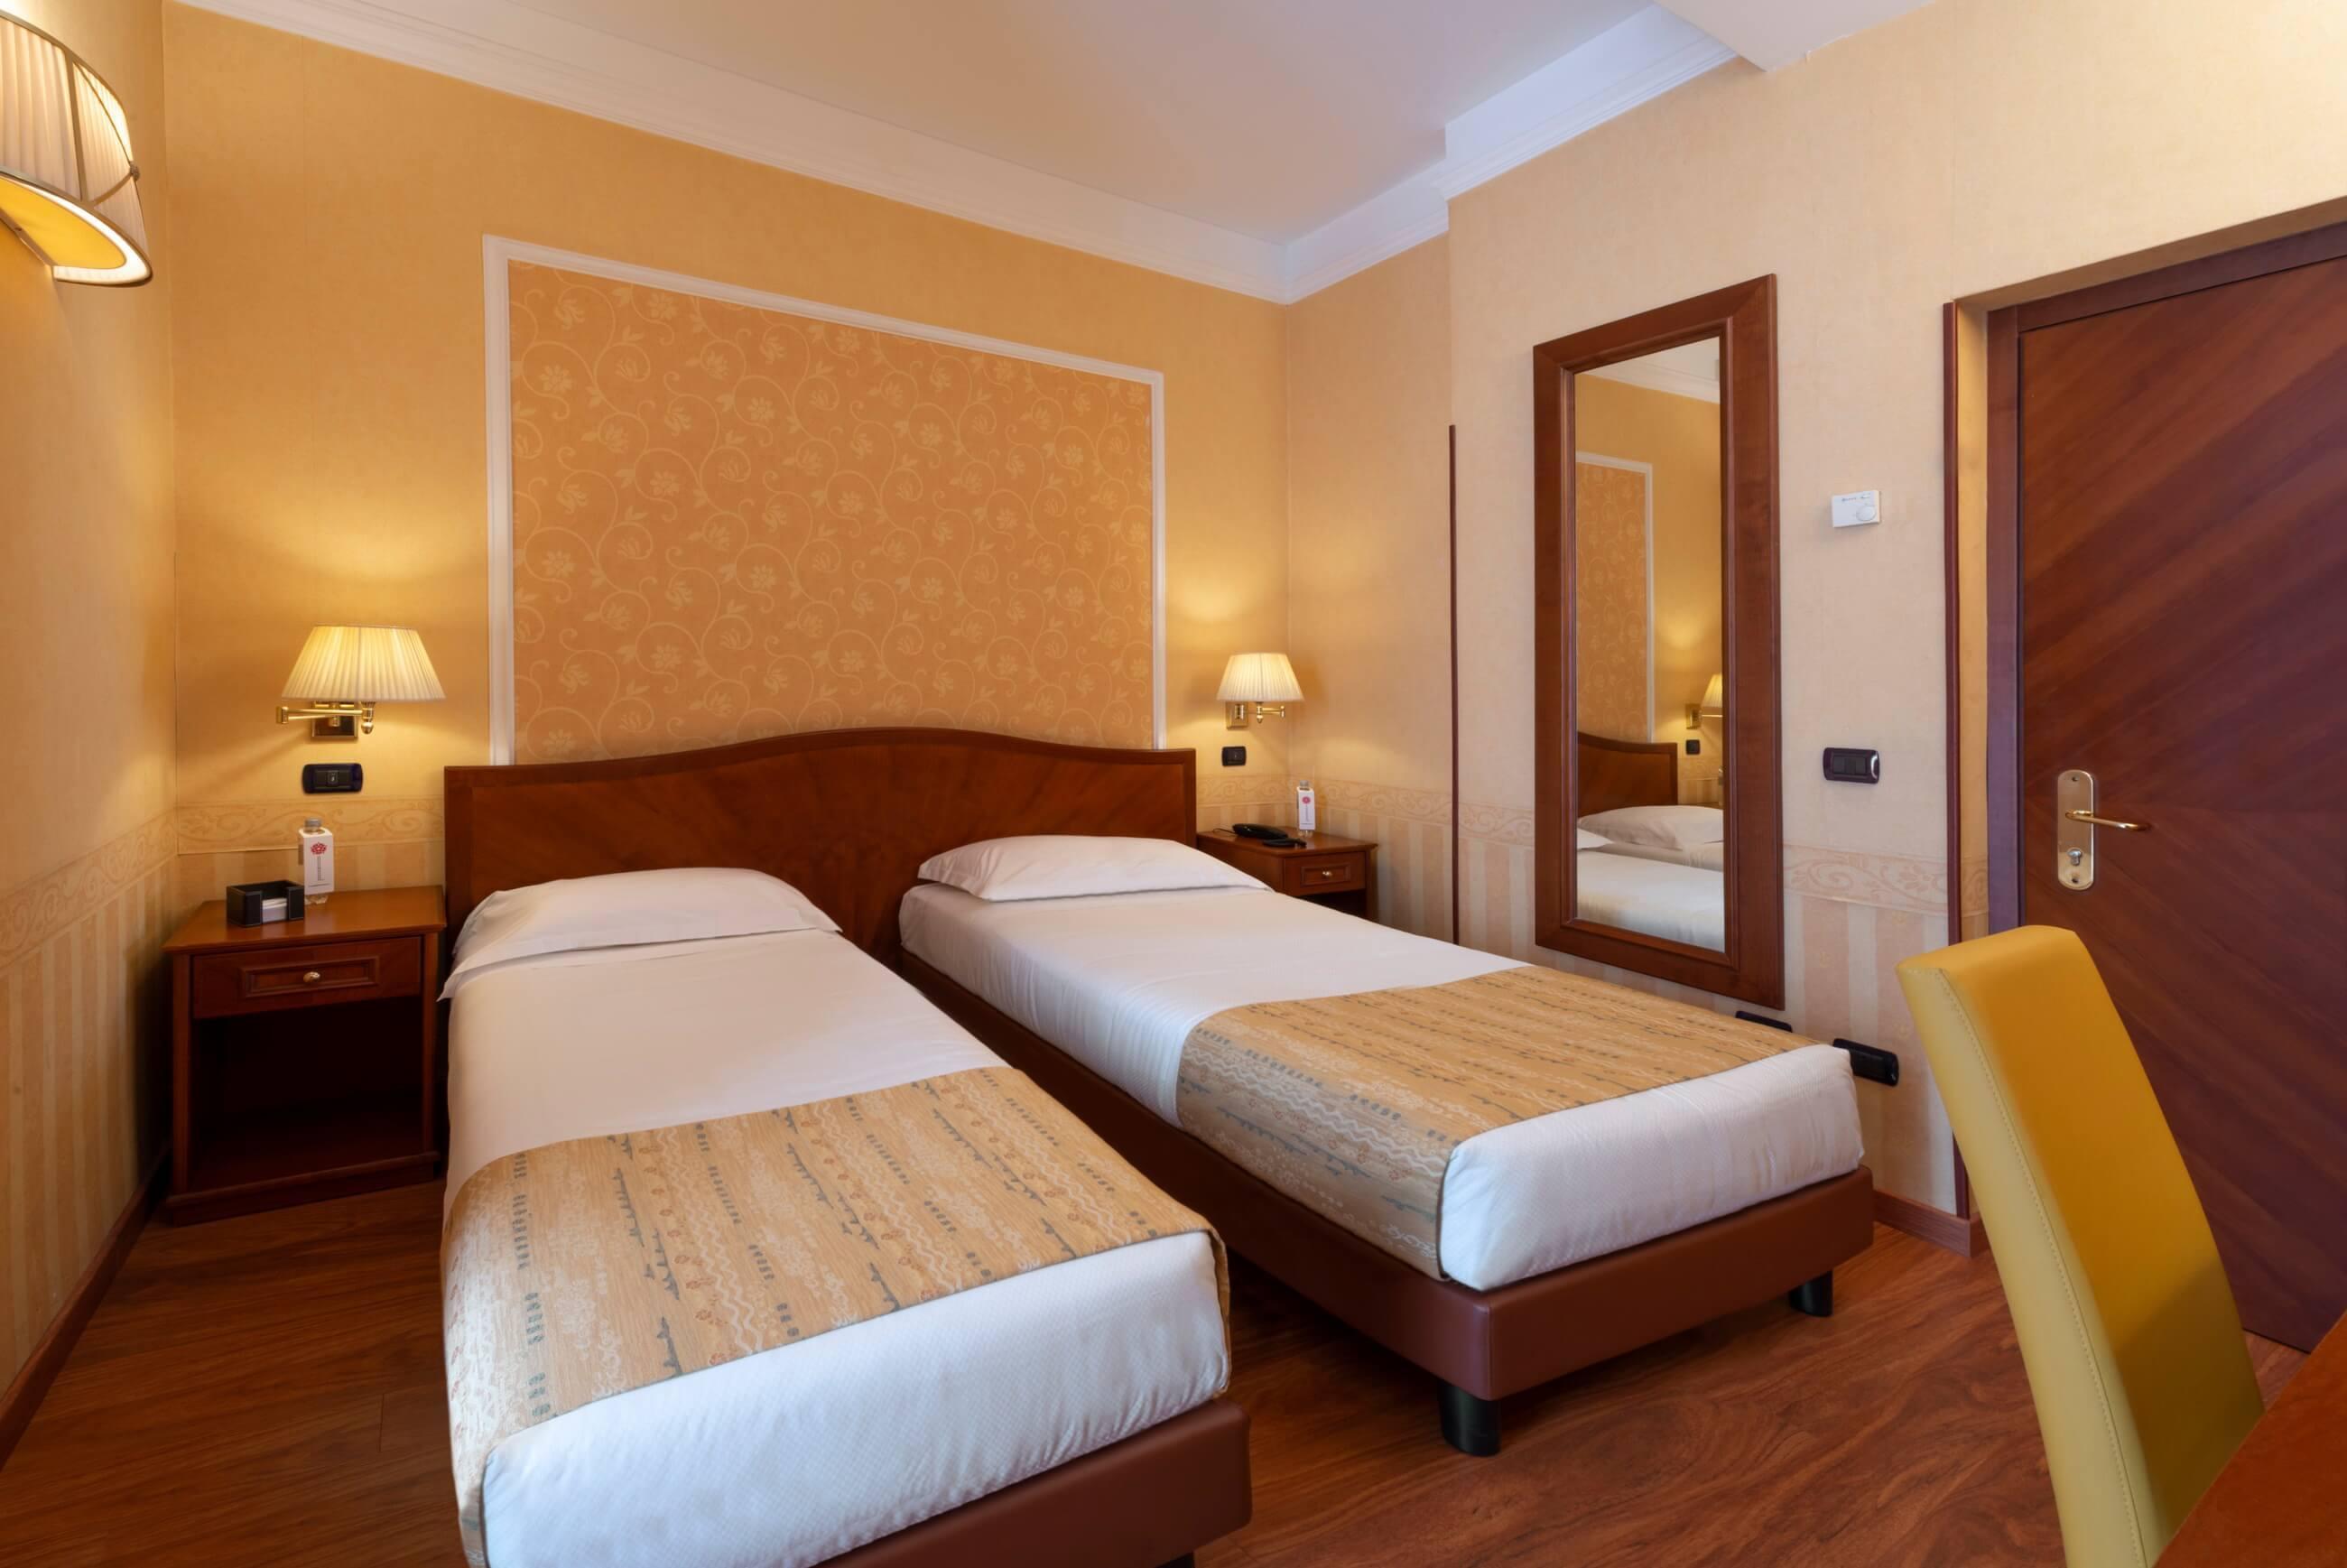 Camera Doppia Classic Hotel 3 Stelle A Milano Lancaster Hotel